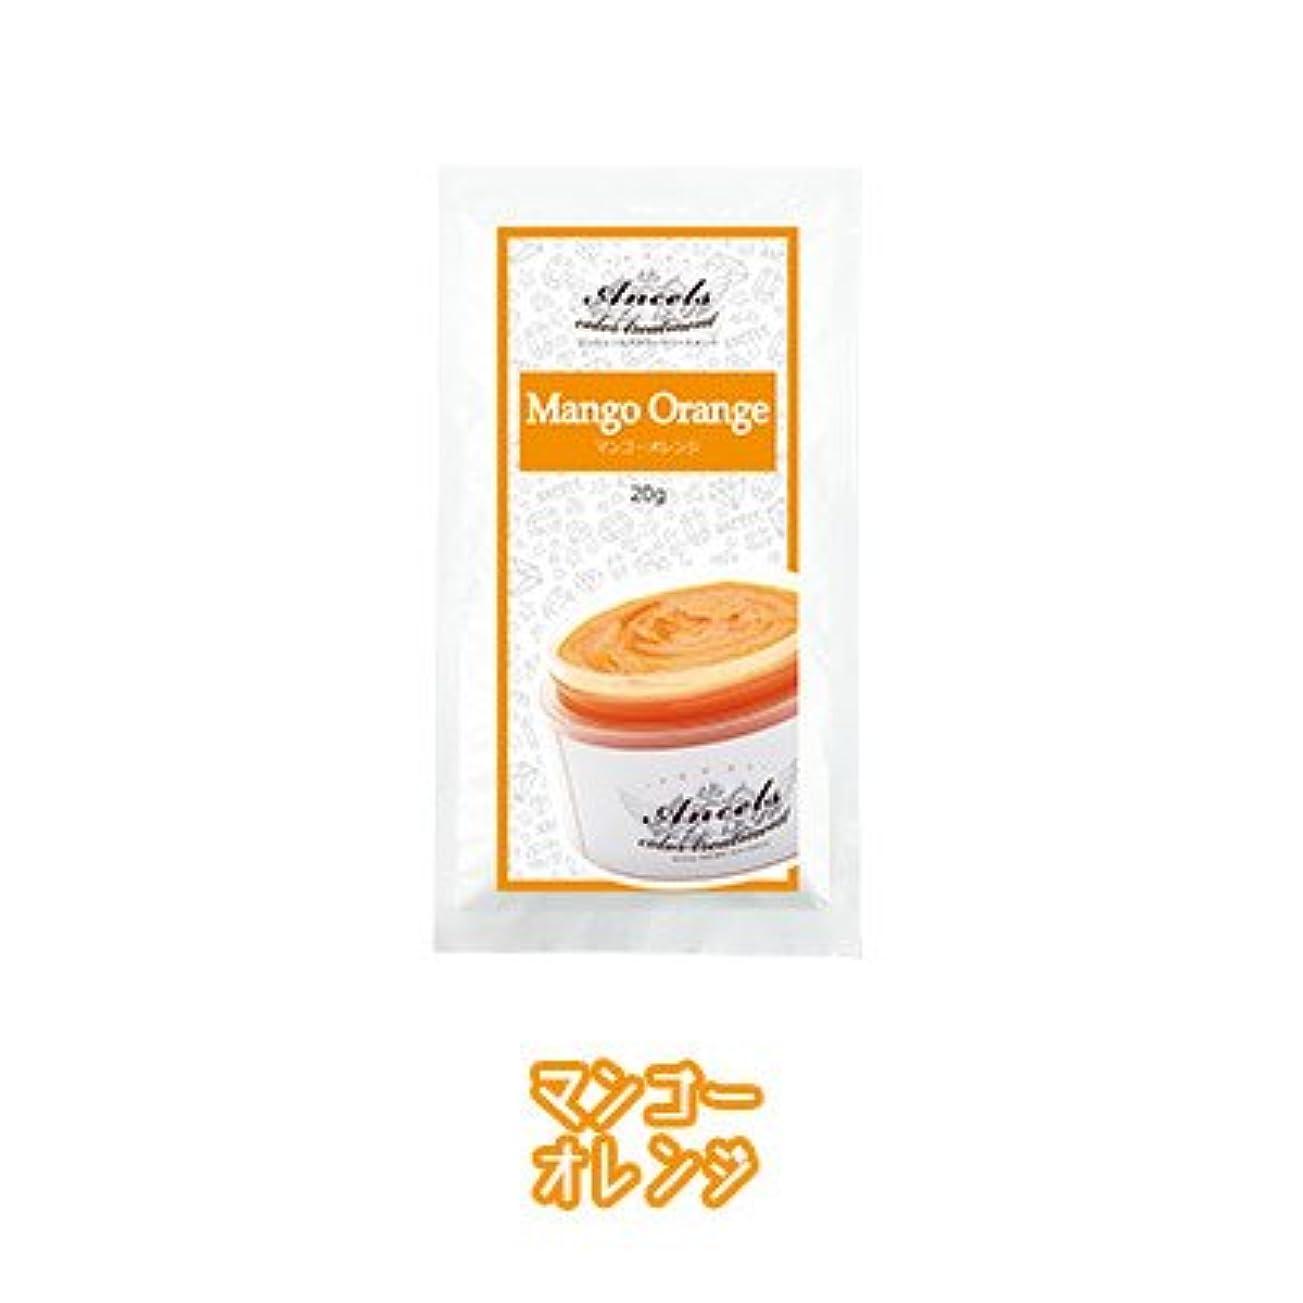 評価可能ジュースマイルドエンシェールズ カラートリートメントバター プチ(お試しサイズ) マンゴーオレンジ 20g